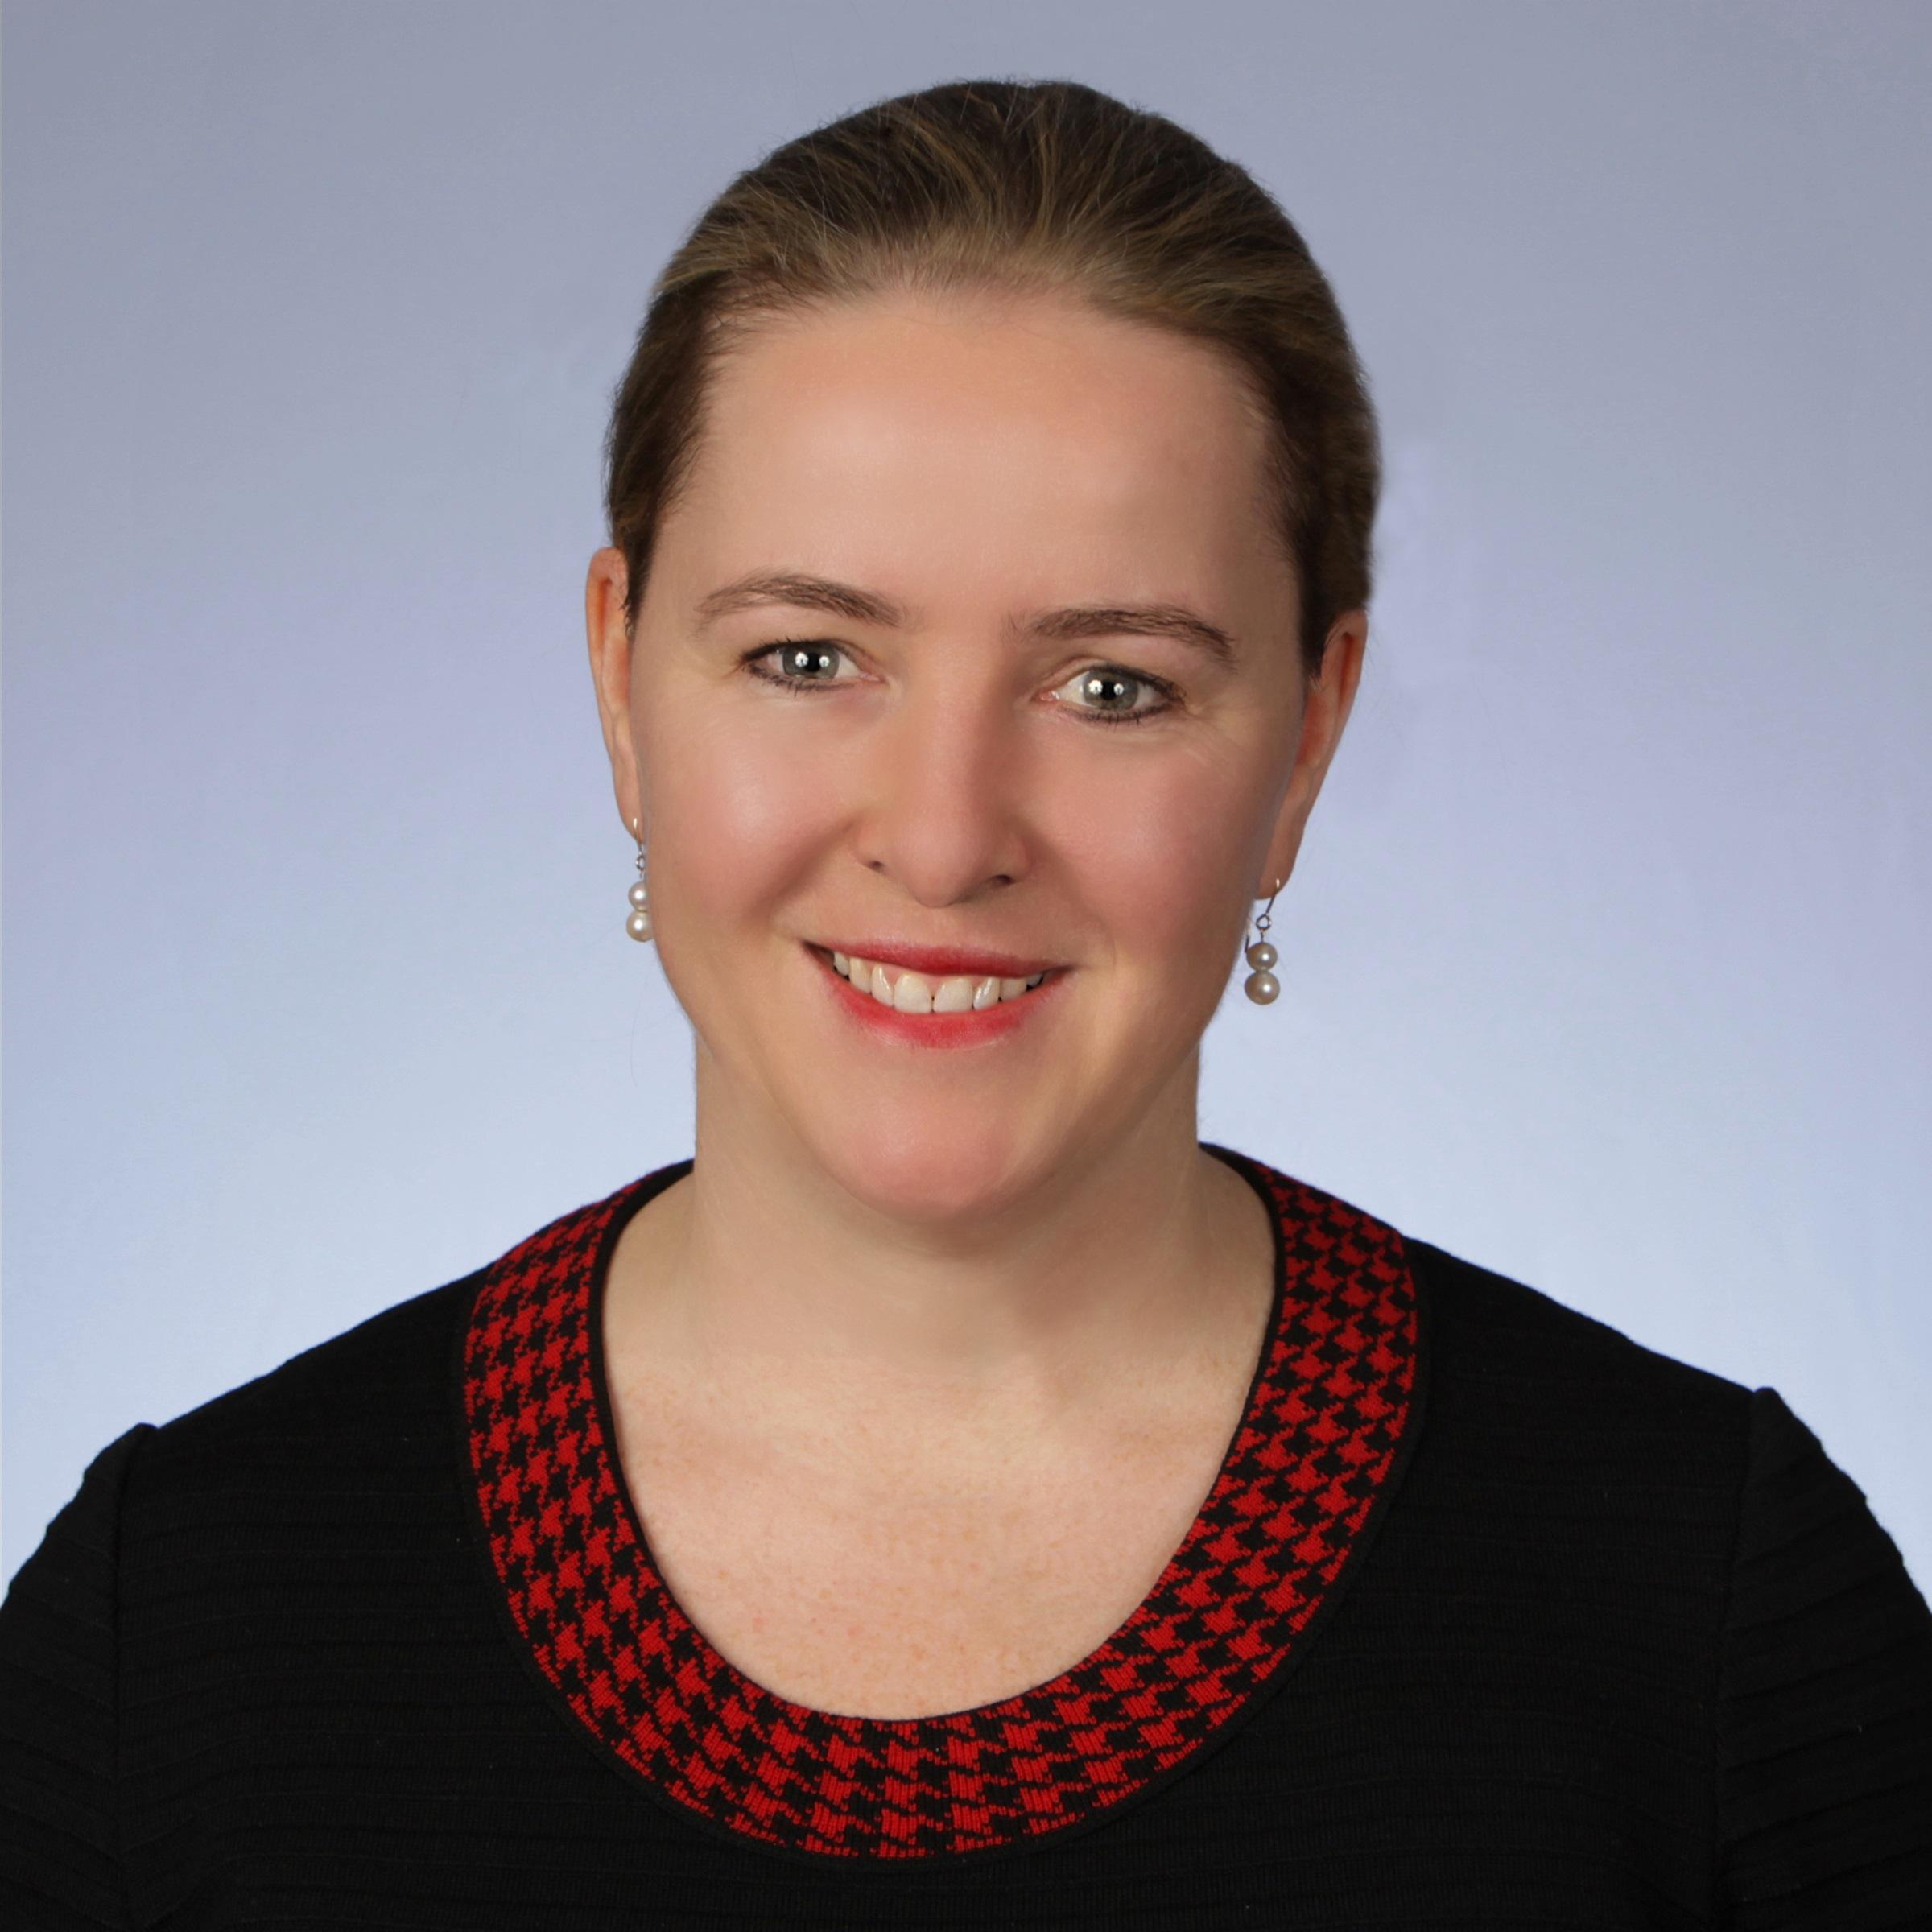 Lorna Davie